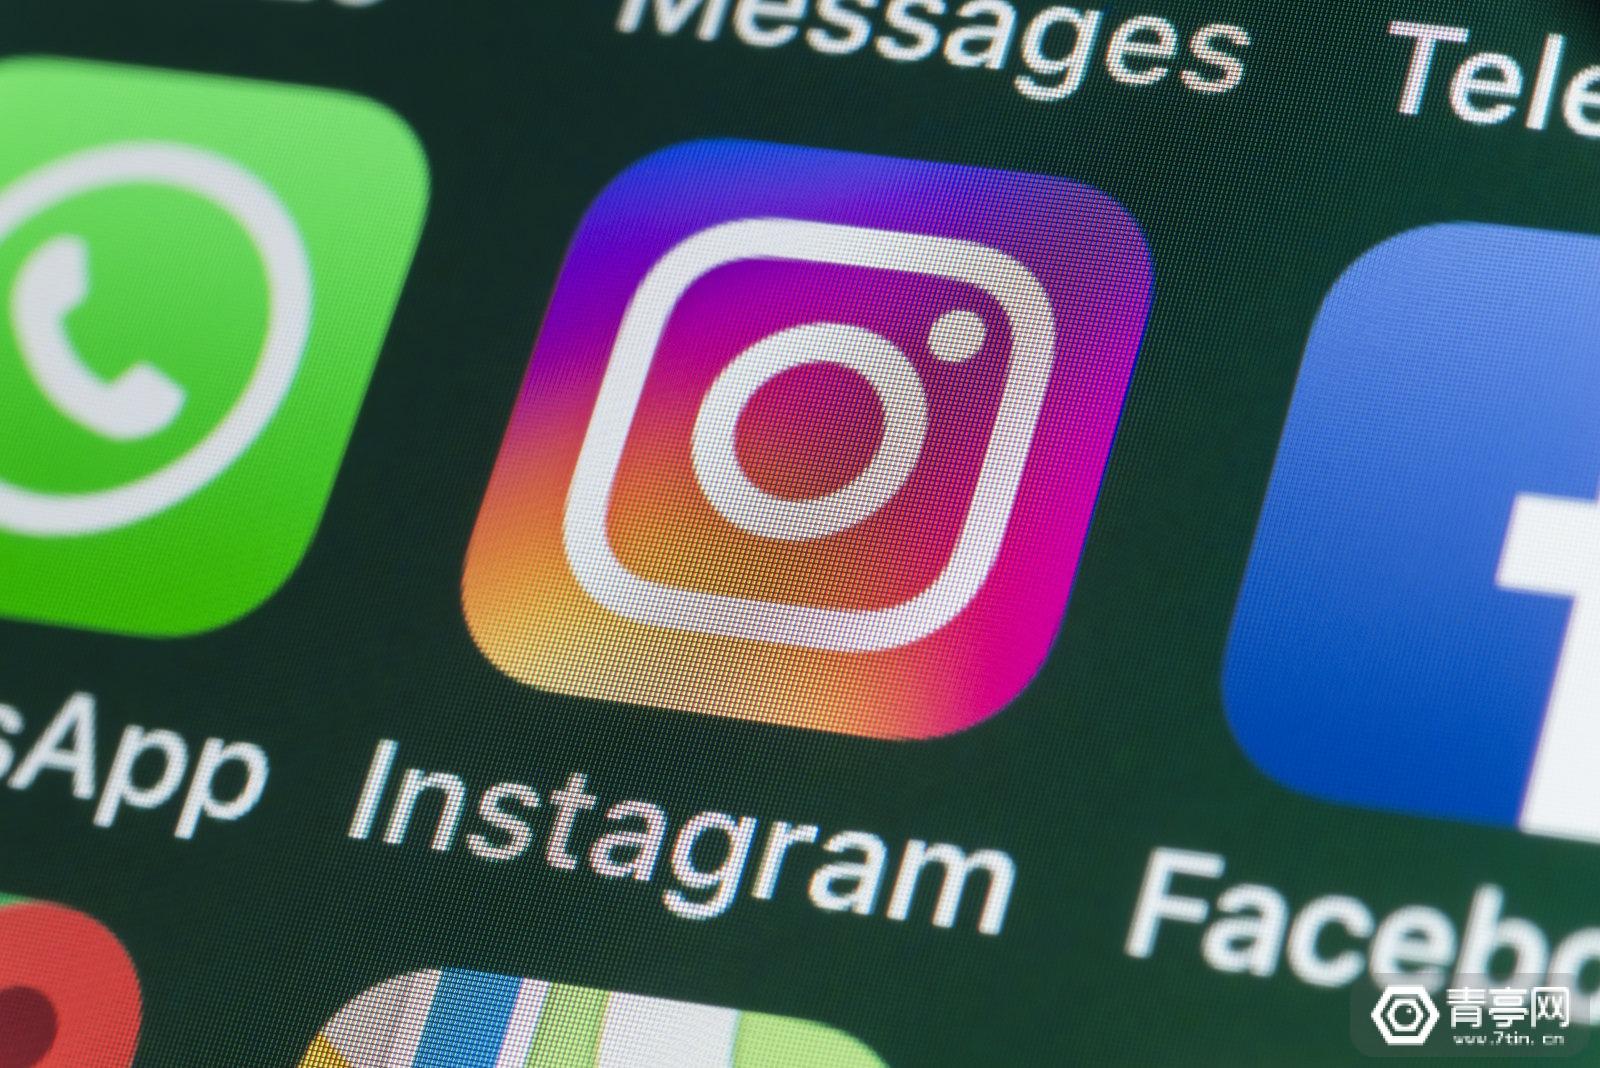 继Oculus后,Facebook又将统一旗下两款社交app名称